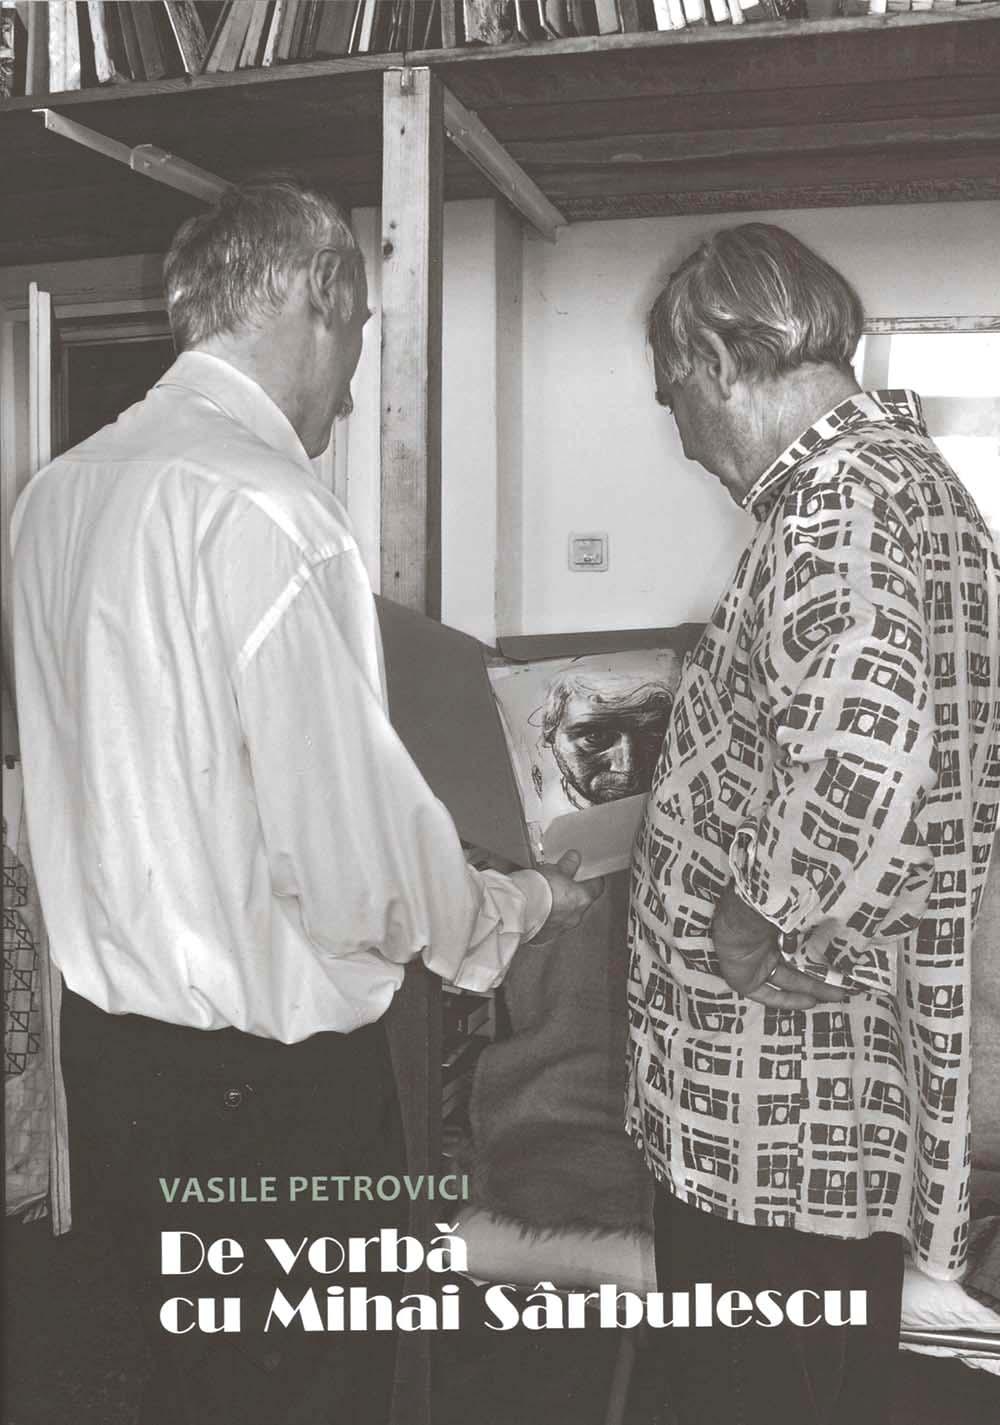 De vorba cu Mihai Sarbulescu de Vasile Petrovici